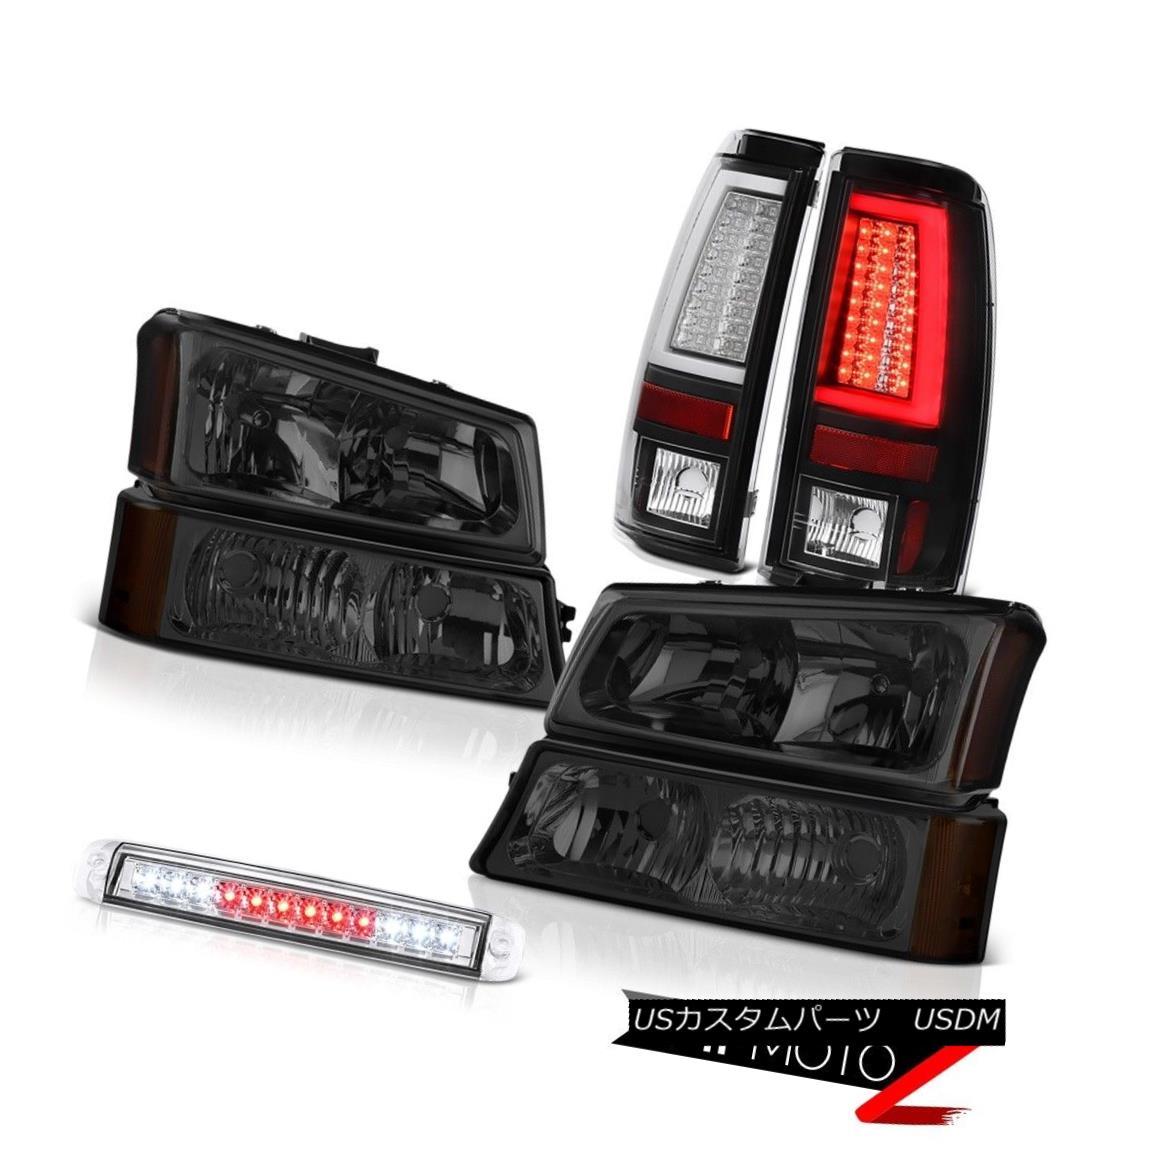 ヘッドライト 03-06 Silverado 2500Hd Rear Brake Lamps High Stop Light Headlights OLED Prism 03-06 Silverado 2500HdリアブレーキランプハイストップライトヘッドライトOLEDプリズム